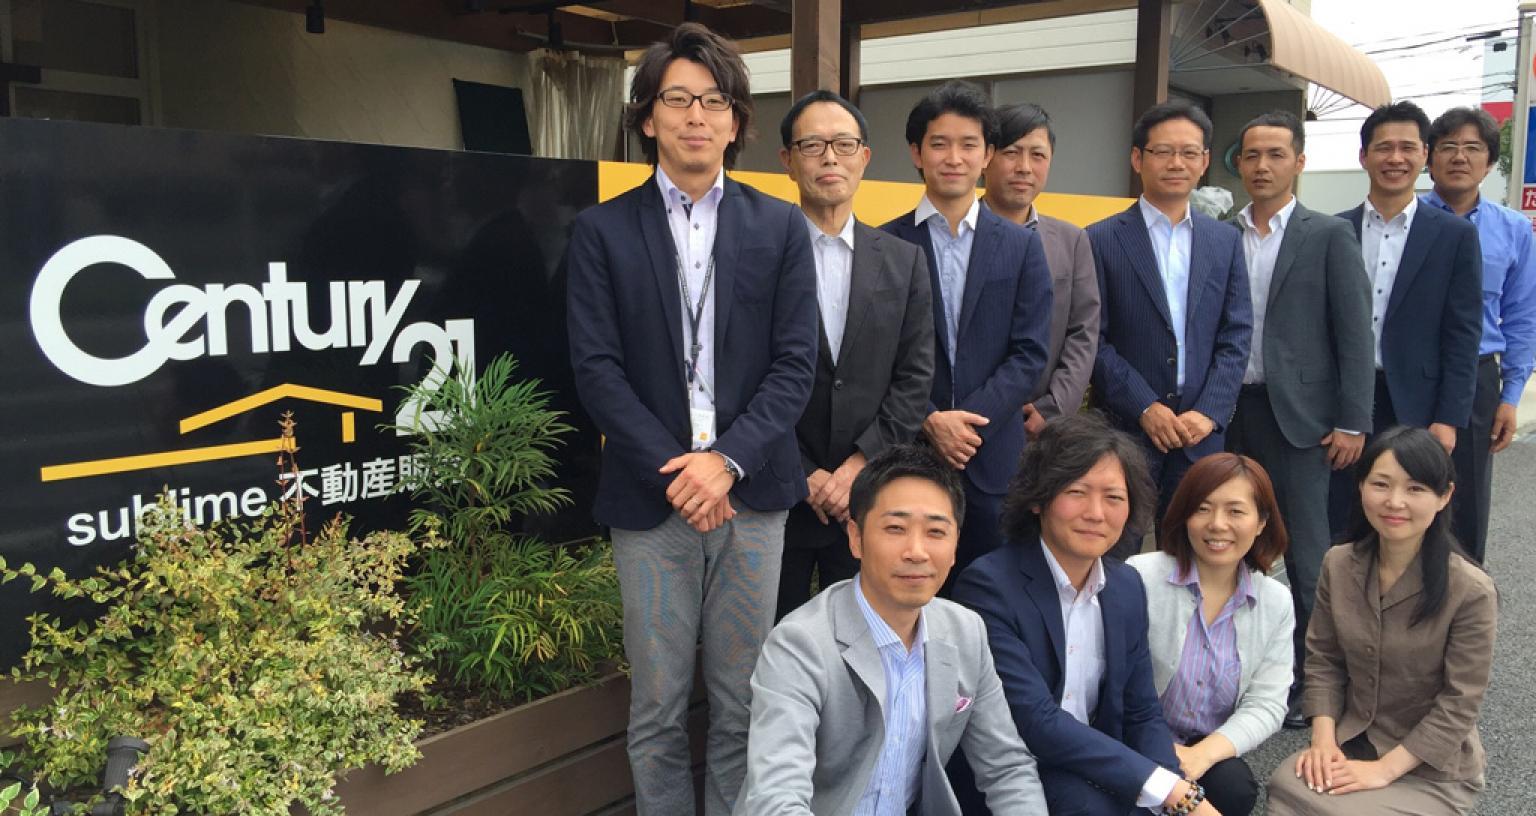 センチュリー21 株式会社sublime不動産販売